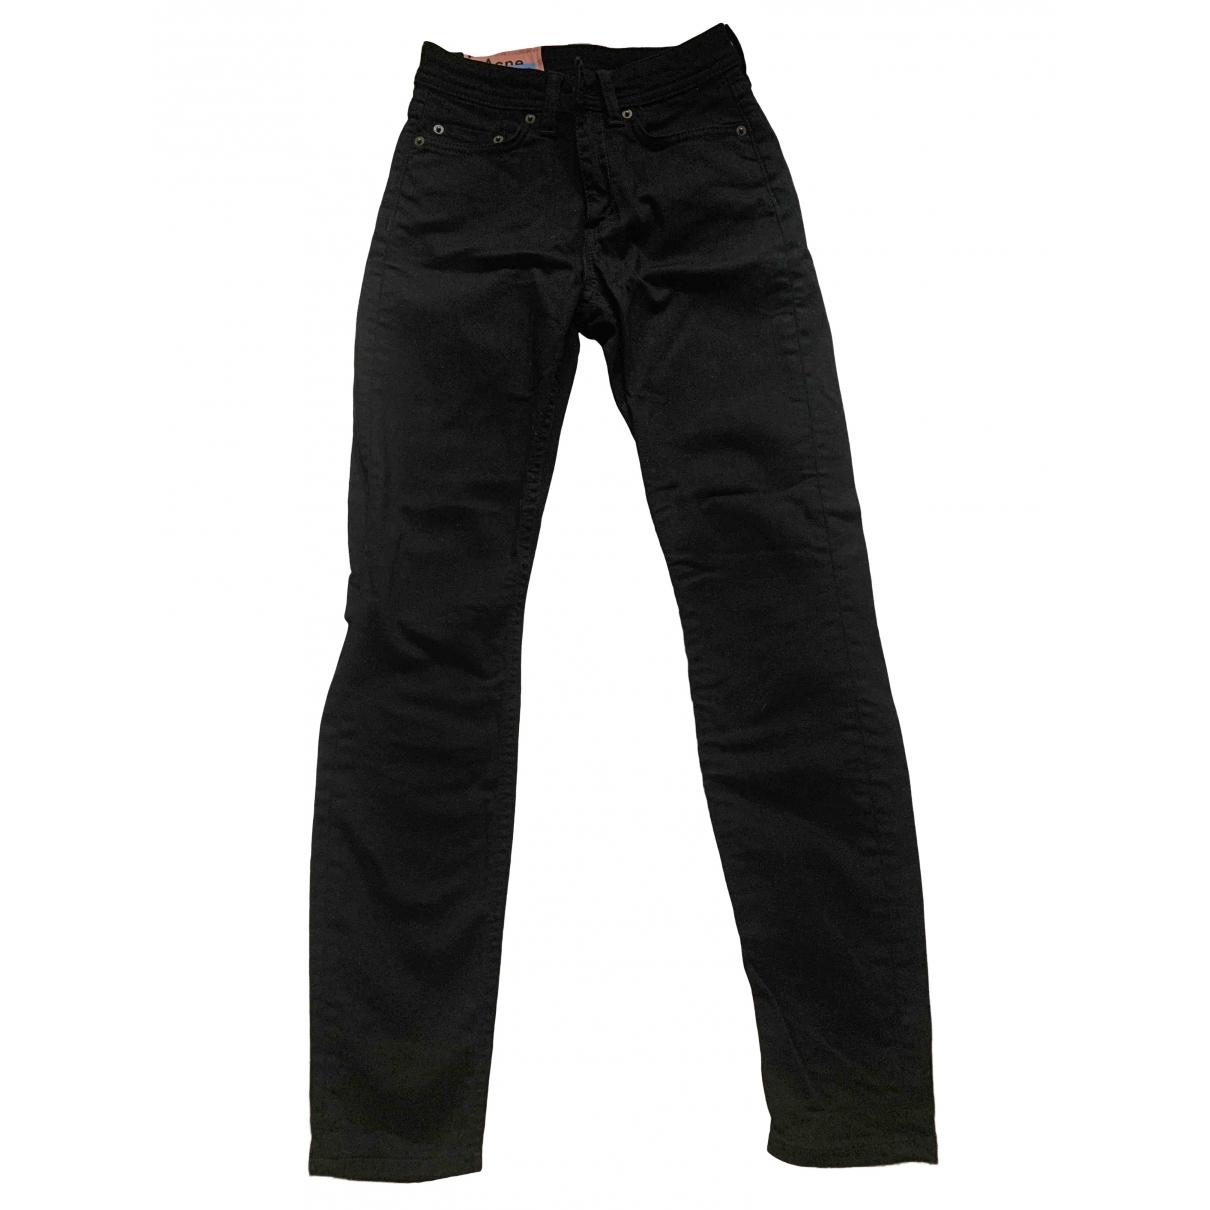 Acne Studios Blå Konst Black Denim - Jeans Jeans for Women 32 FR